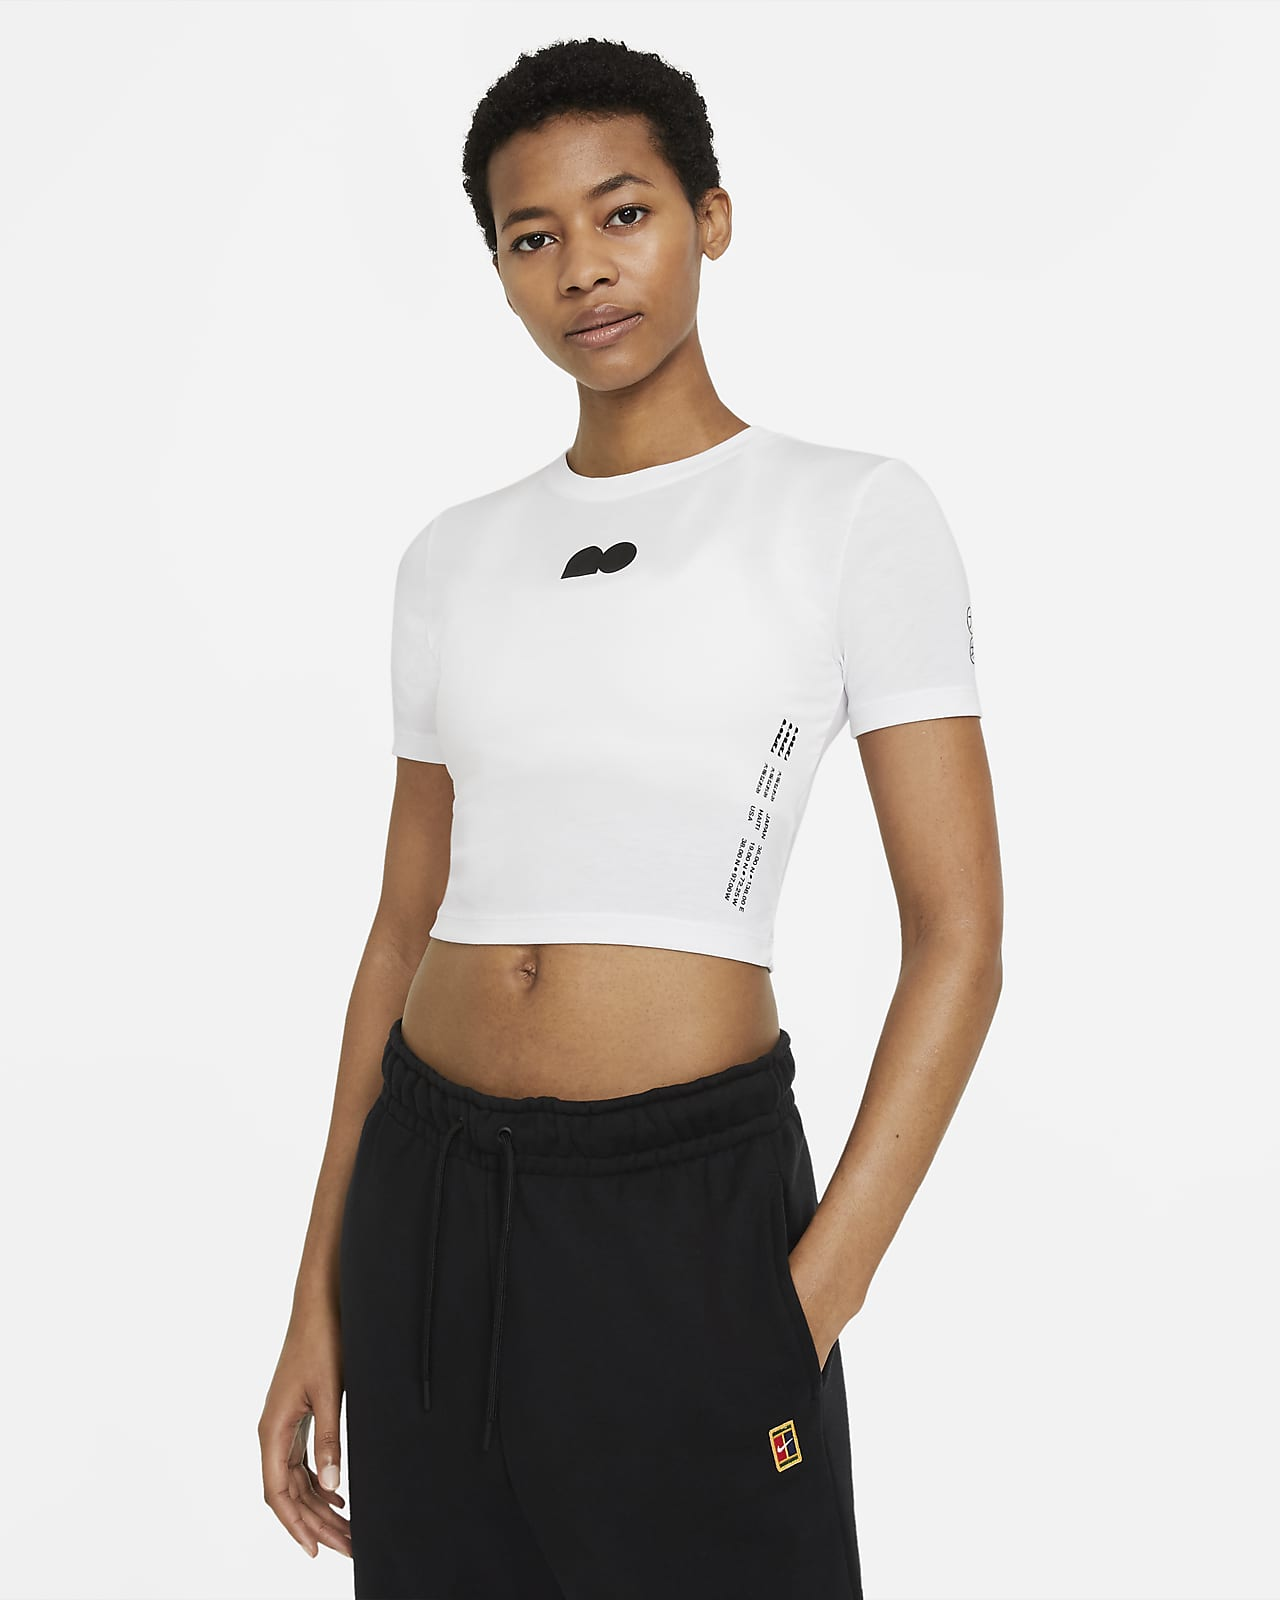 เสื้อยืดเทนนิสเอวลอยผู้หญิง Naomi Osaka